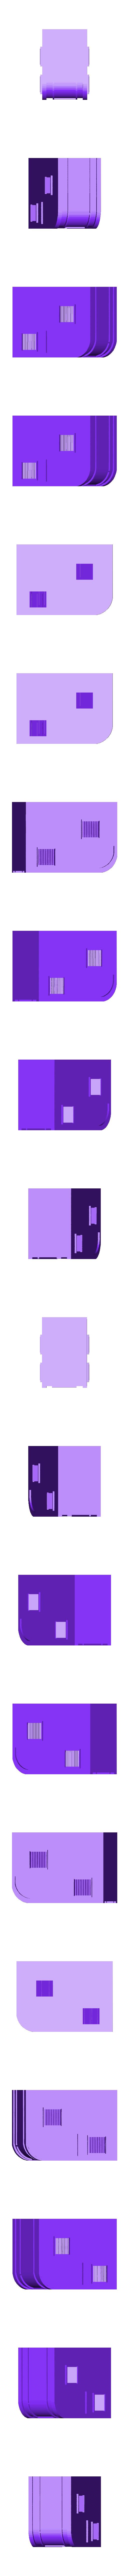 Luis_Furniture_processor_unit_large.stl Télécharger fichier STL gratuit Ensemble de meubles inspiré par Wolfenstein pour le jeu de guerre • Modèle pour imprimante 3D, El_Mutanto